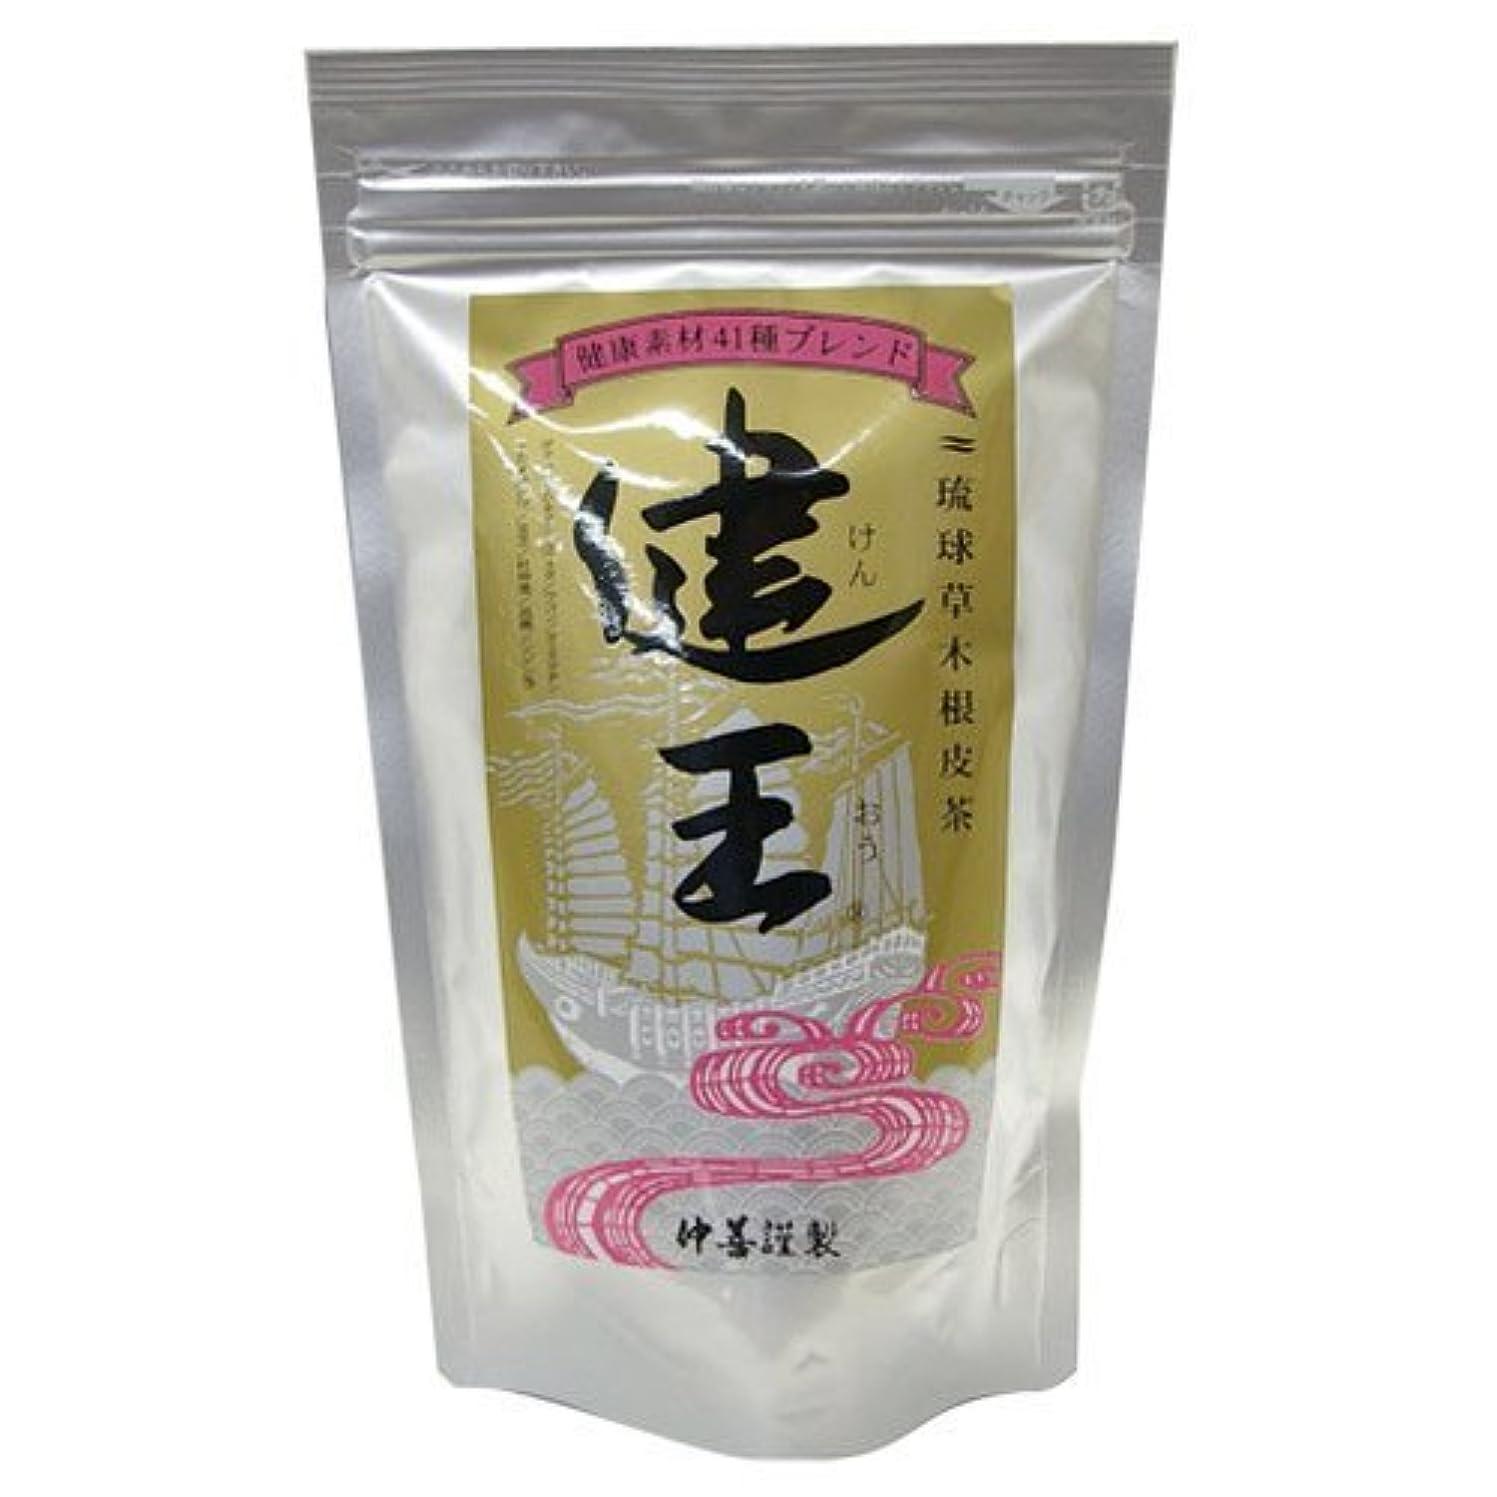 付けるアグネスグレイランダム琉球草木根皮茶 健王 ティーバッグ 2g×30包